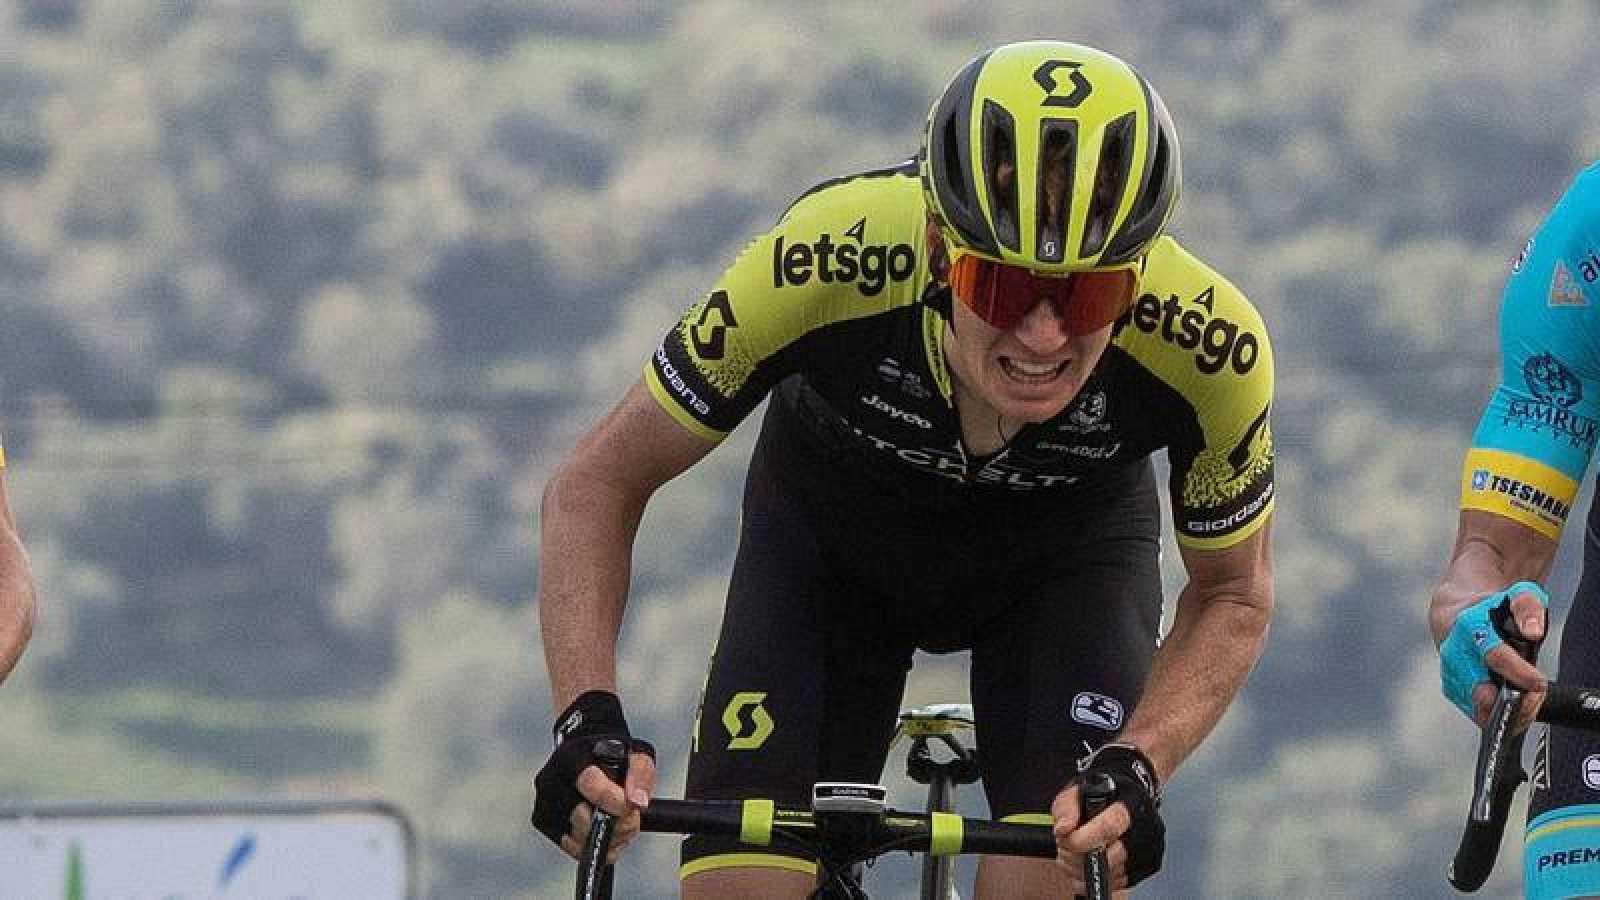 El ciclista australiano Jack Haig durante la Vuelta a Andalucía.